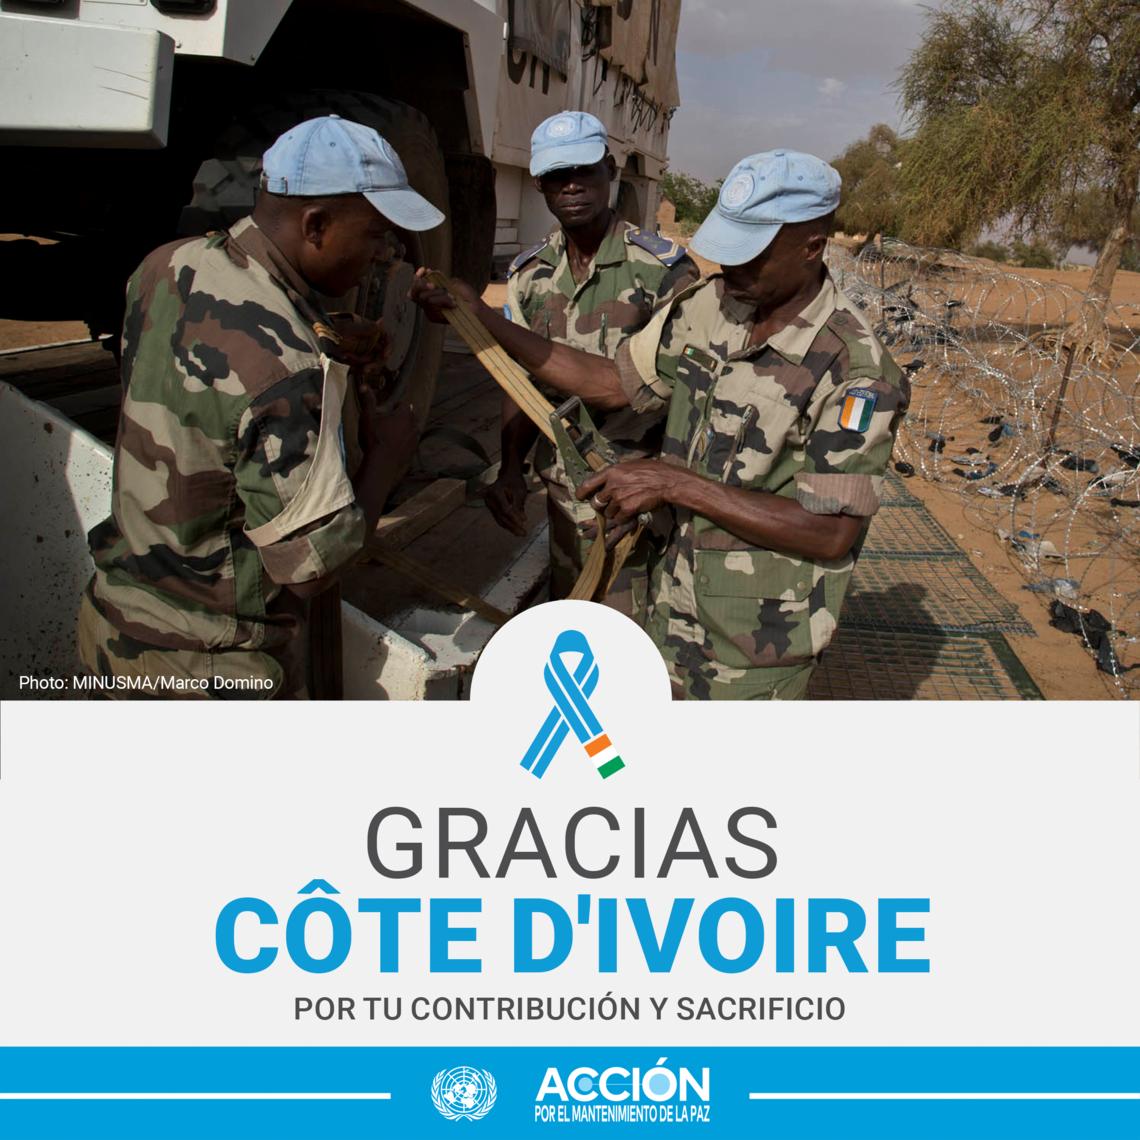 Tarjeta de tres cascos azules de Côte d'Ivoire y el texto: Gracias, Côte d'Ivoire, por tu servicio y sacrificio.